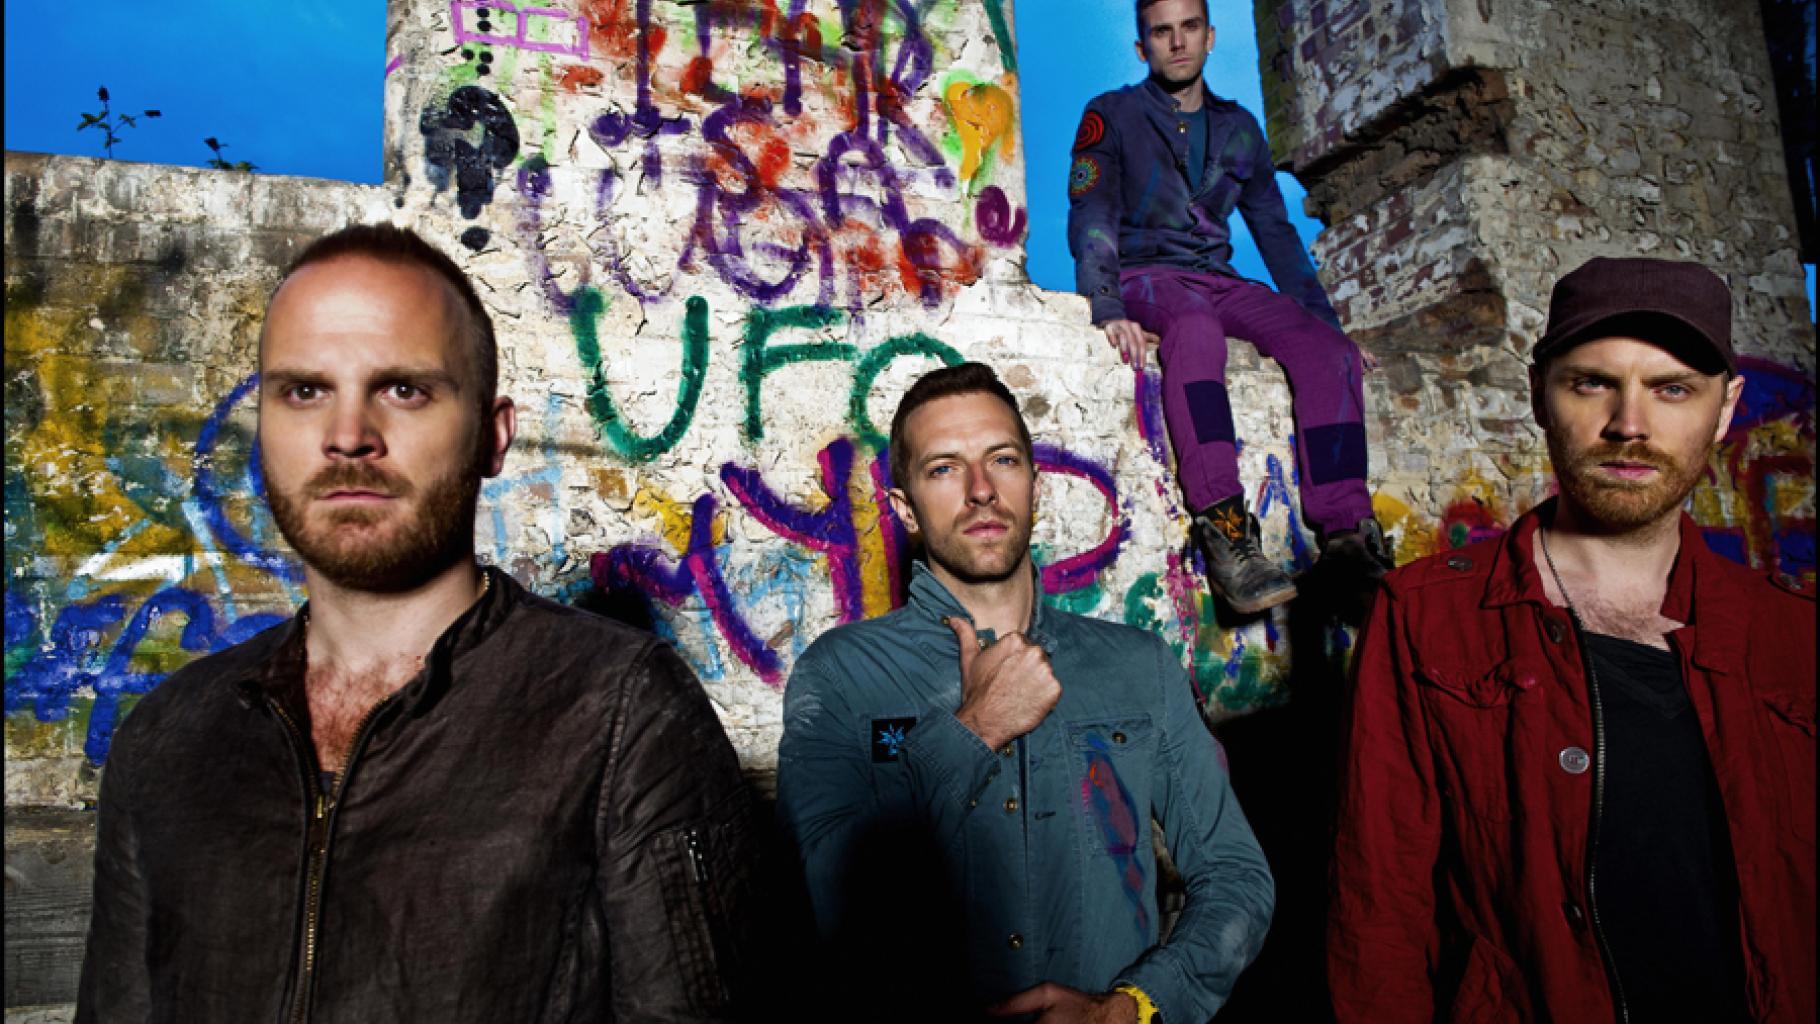 Die Band Coldplay unterstützt Oxfam seit vielen Jahren